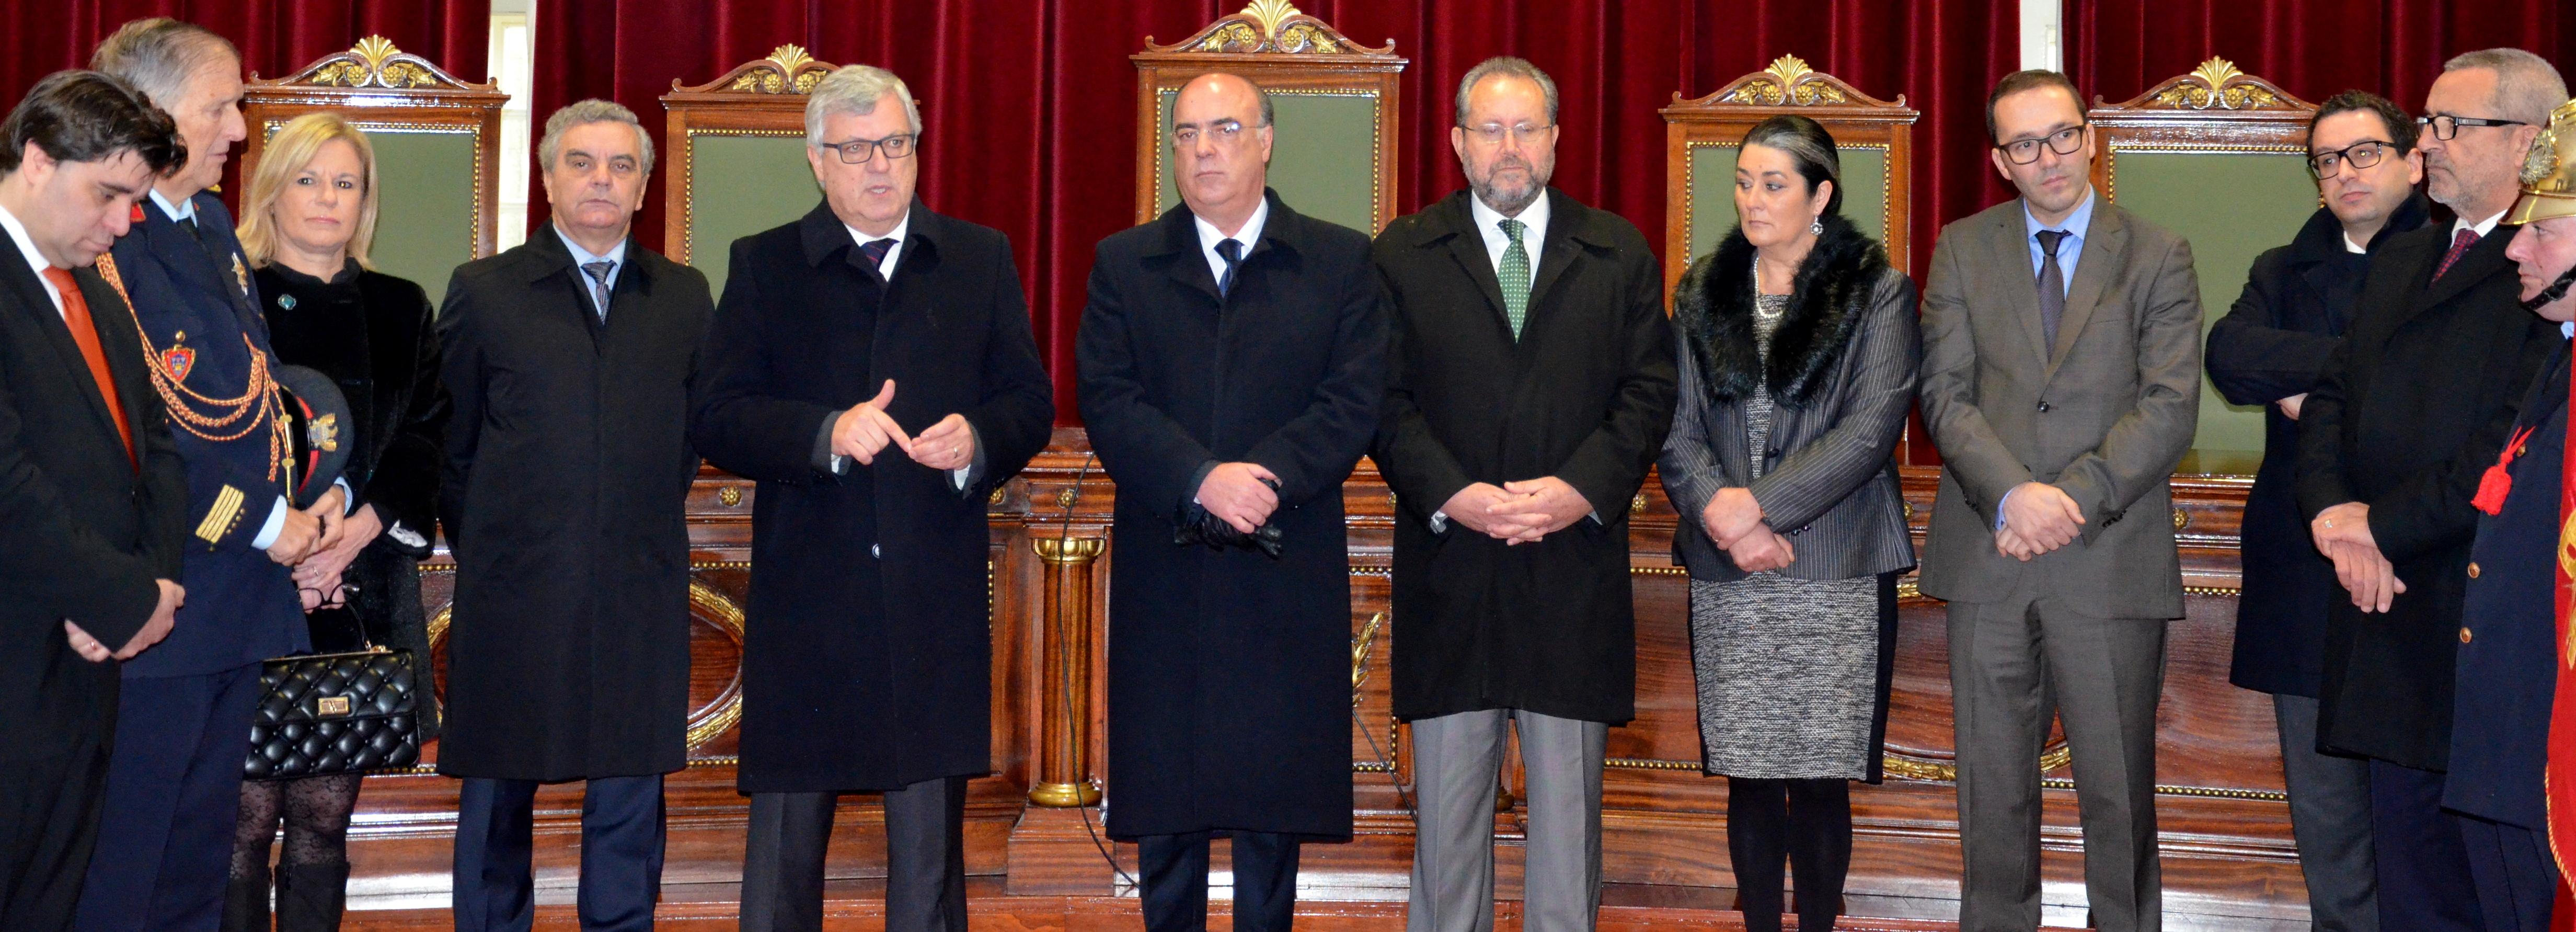 Câmara Municipal recebe Bombeiros Voluntários de Barcelos nas comemorações do 133º Aniversário